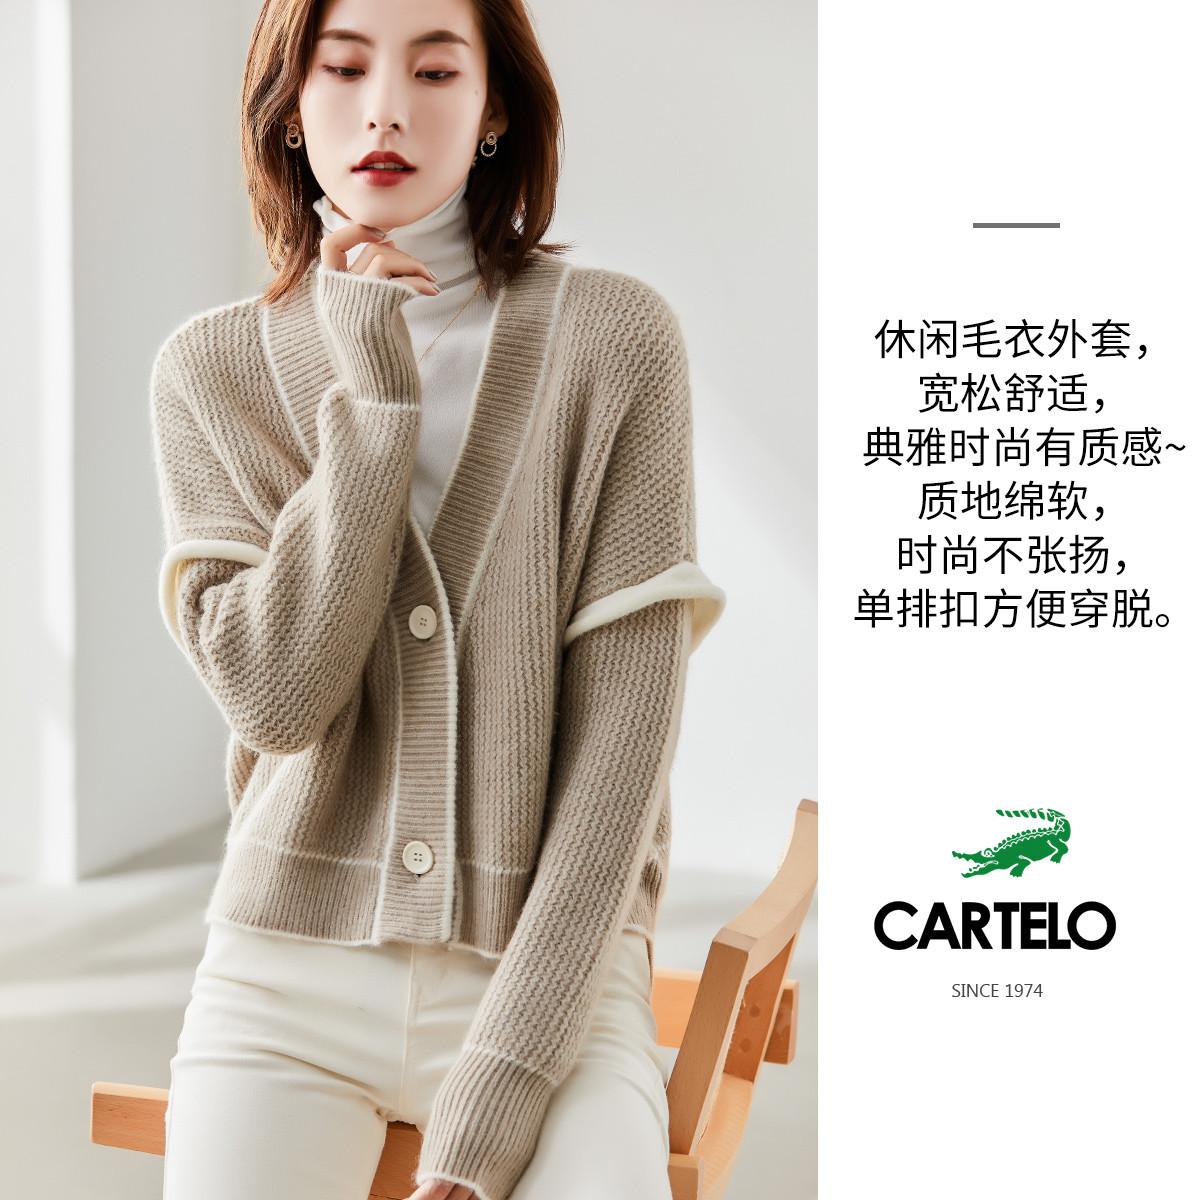 【软糯亲肤】冬季新款V领显瘦百搭厚款保暖开衫毛衣外套针织衫女